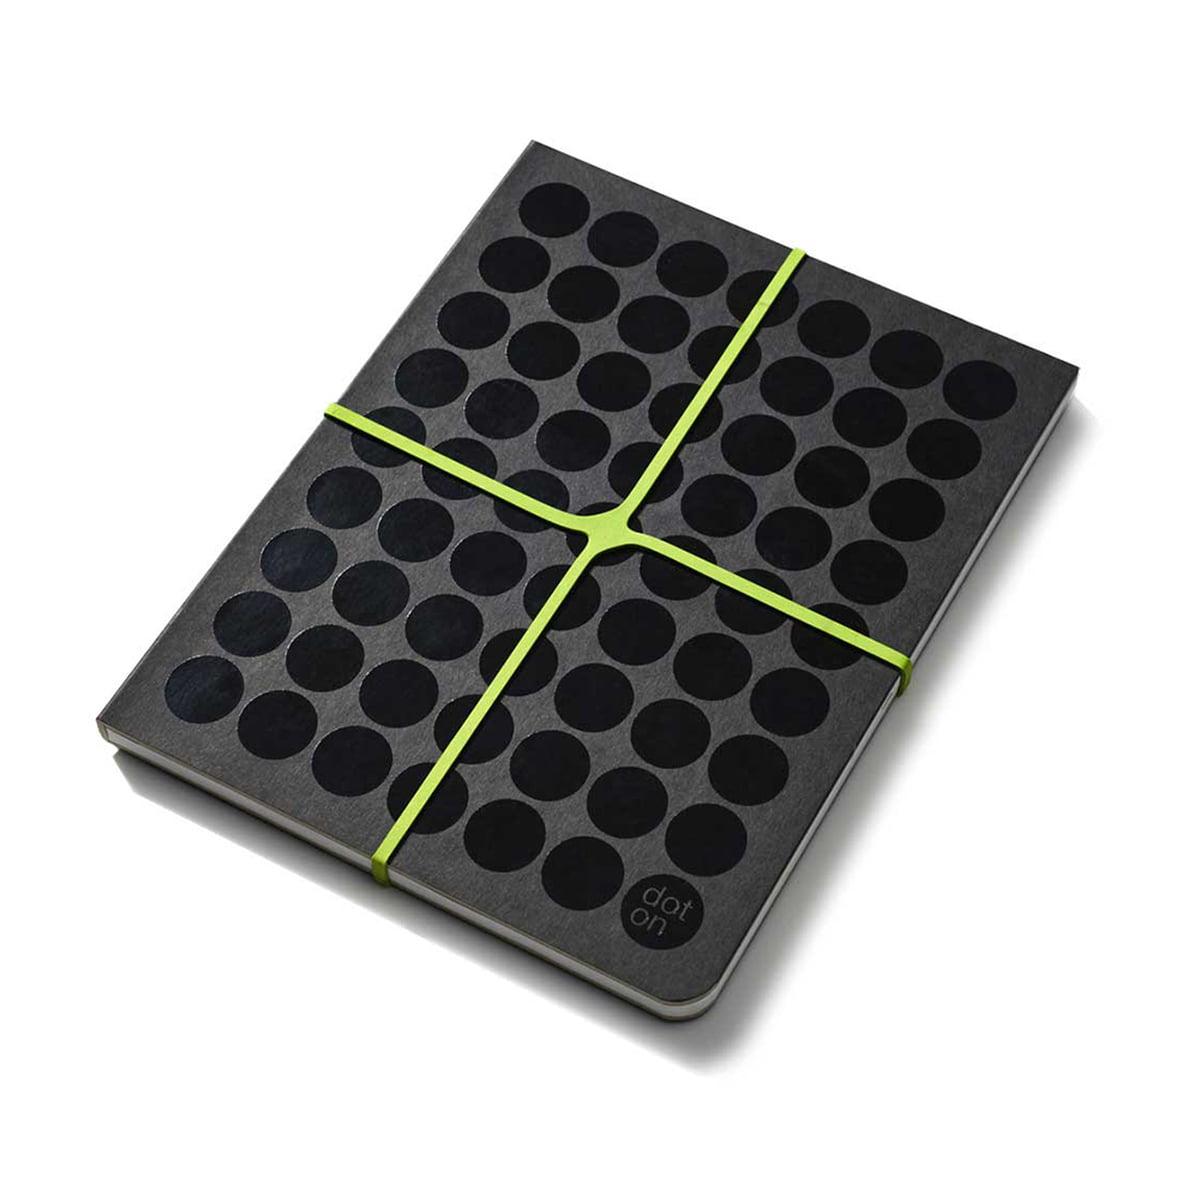 dot on - notes Notizbuch, Gummiband grün | Dekoration > Accessoires | Verschiedene farben | 96 seiten 90 g/qm offsetpapier mit dotty-punkteraster | dot on